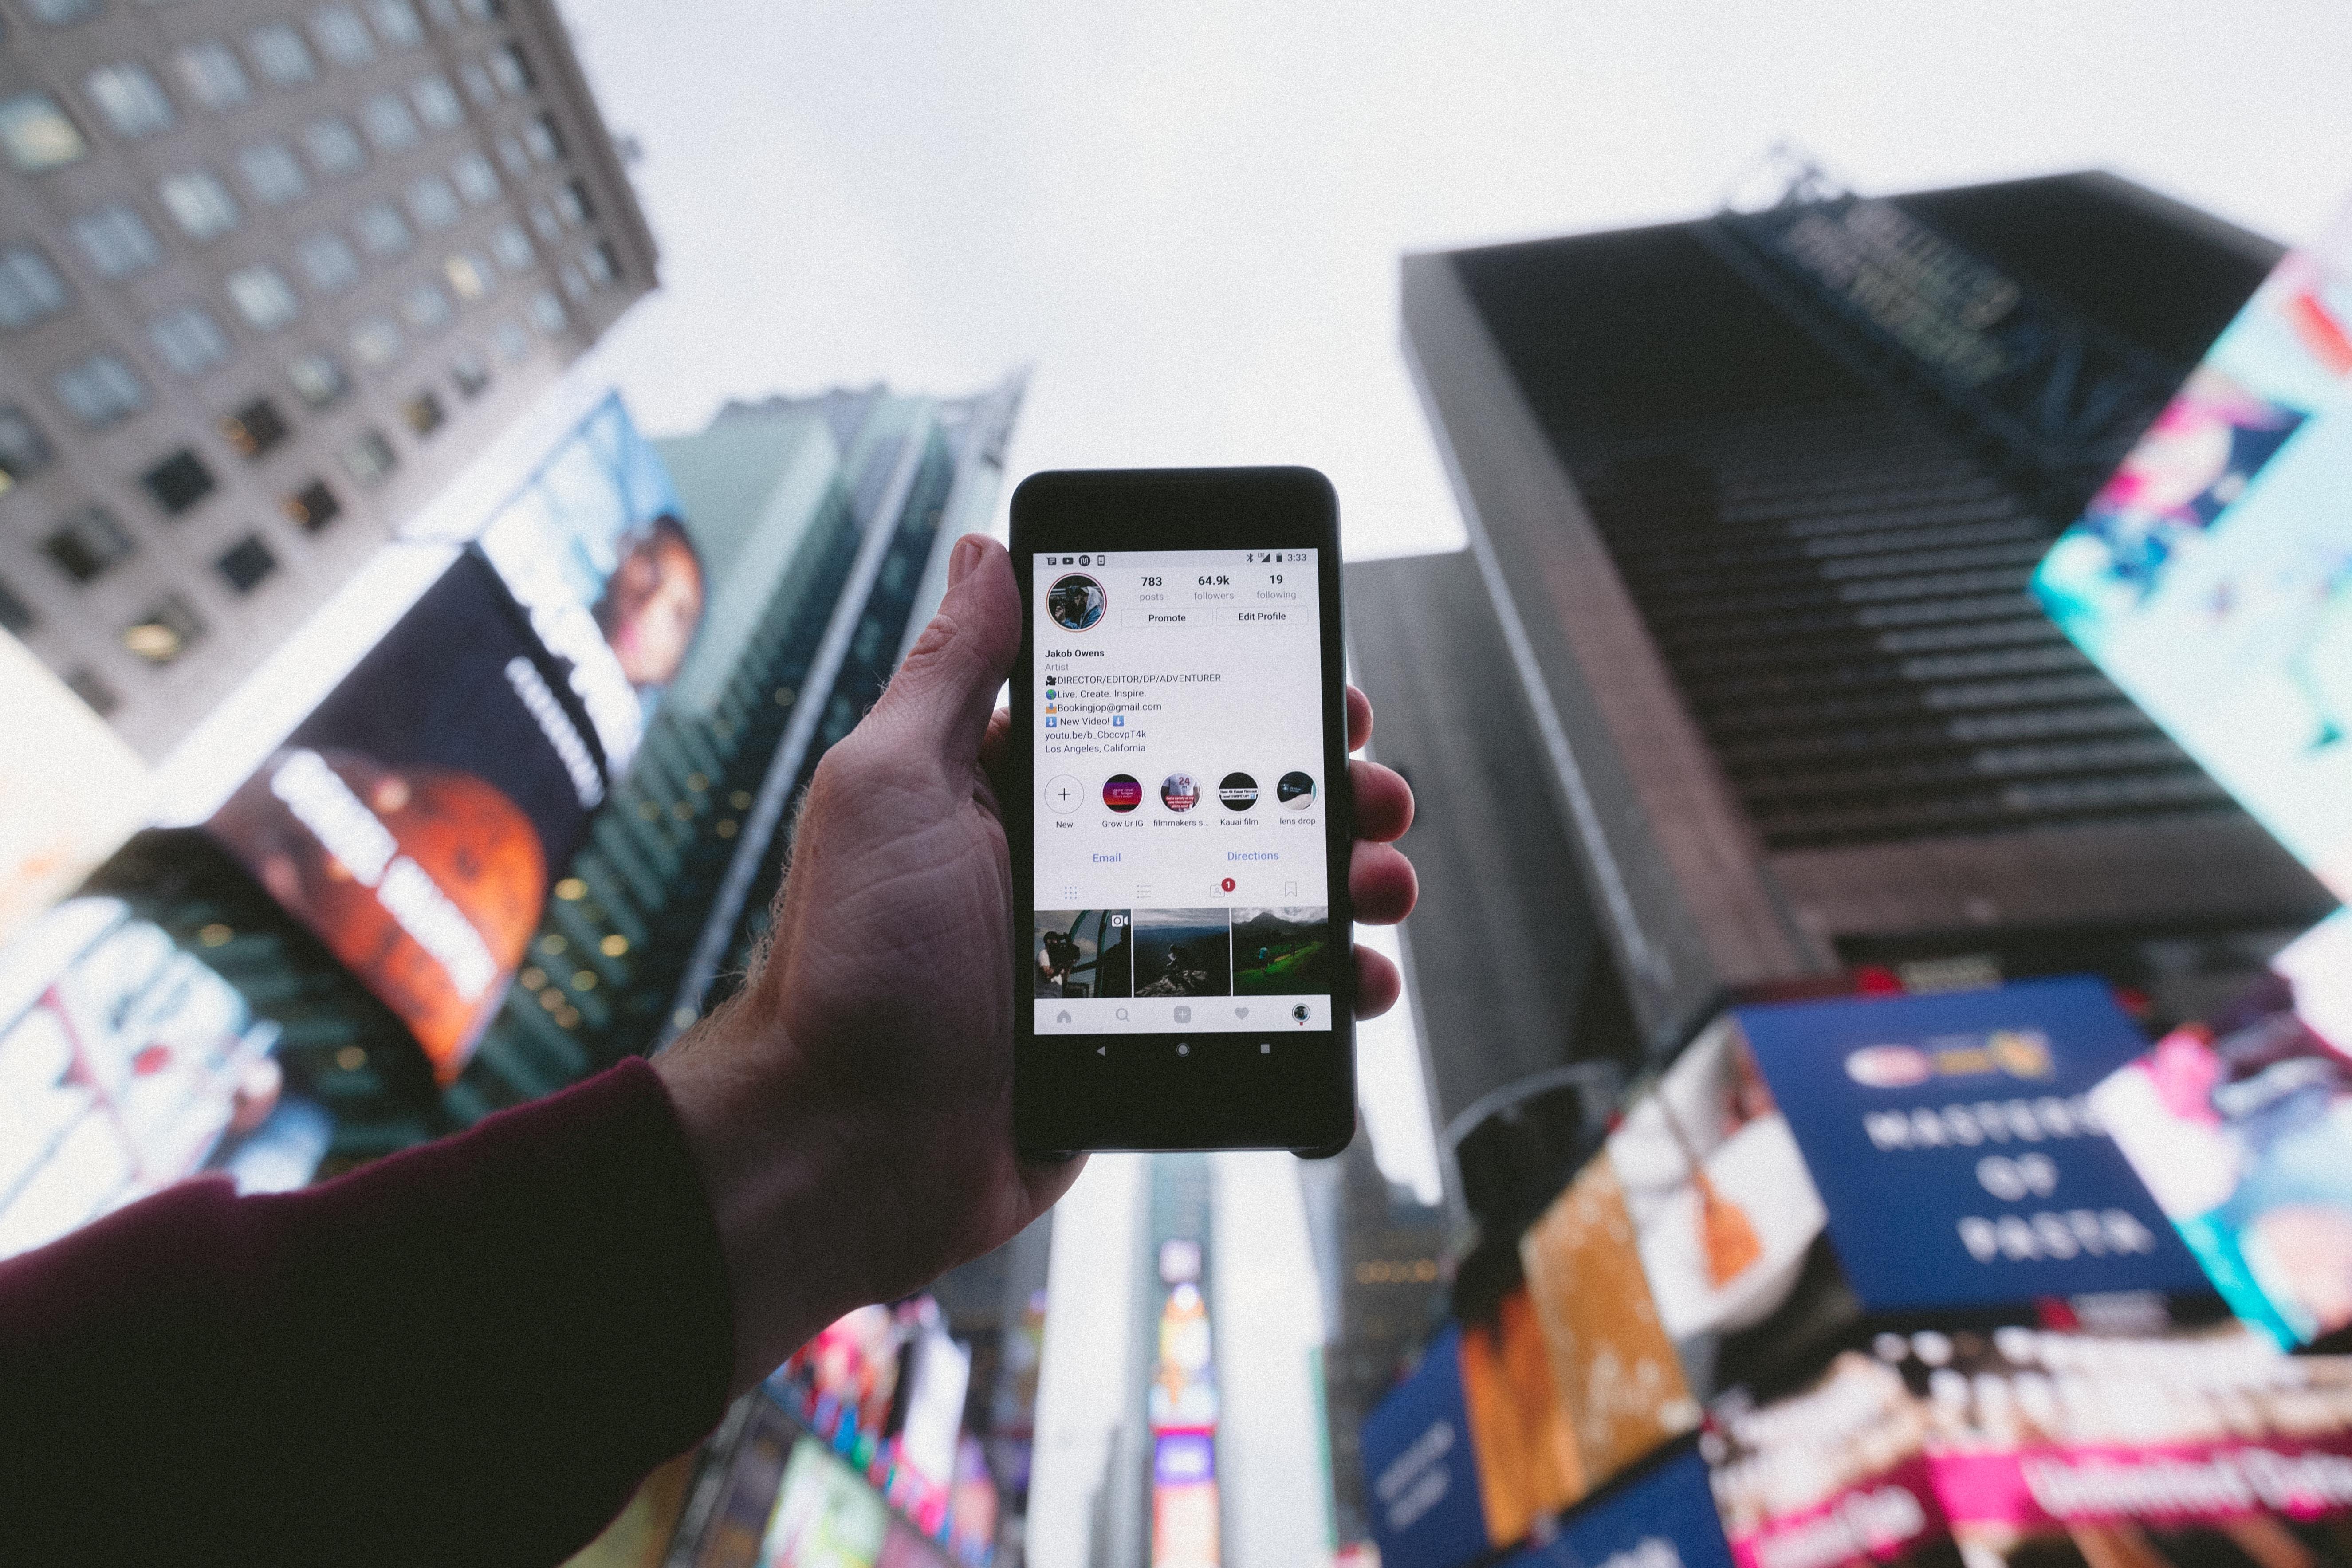 EineWeltBlaBla_Die neue Ära des Instagram-Journalismus